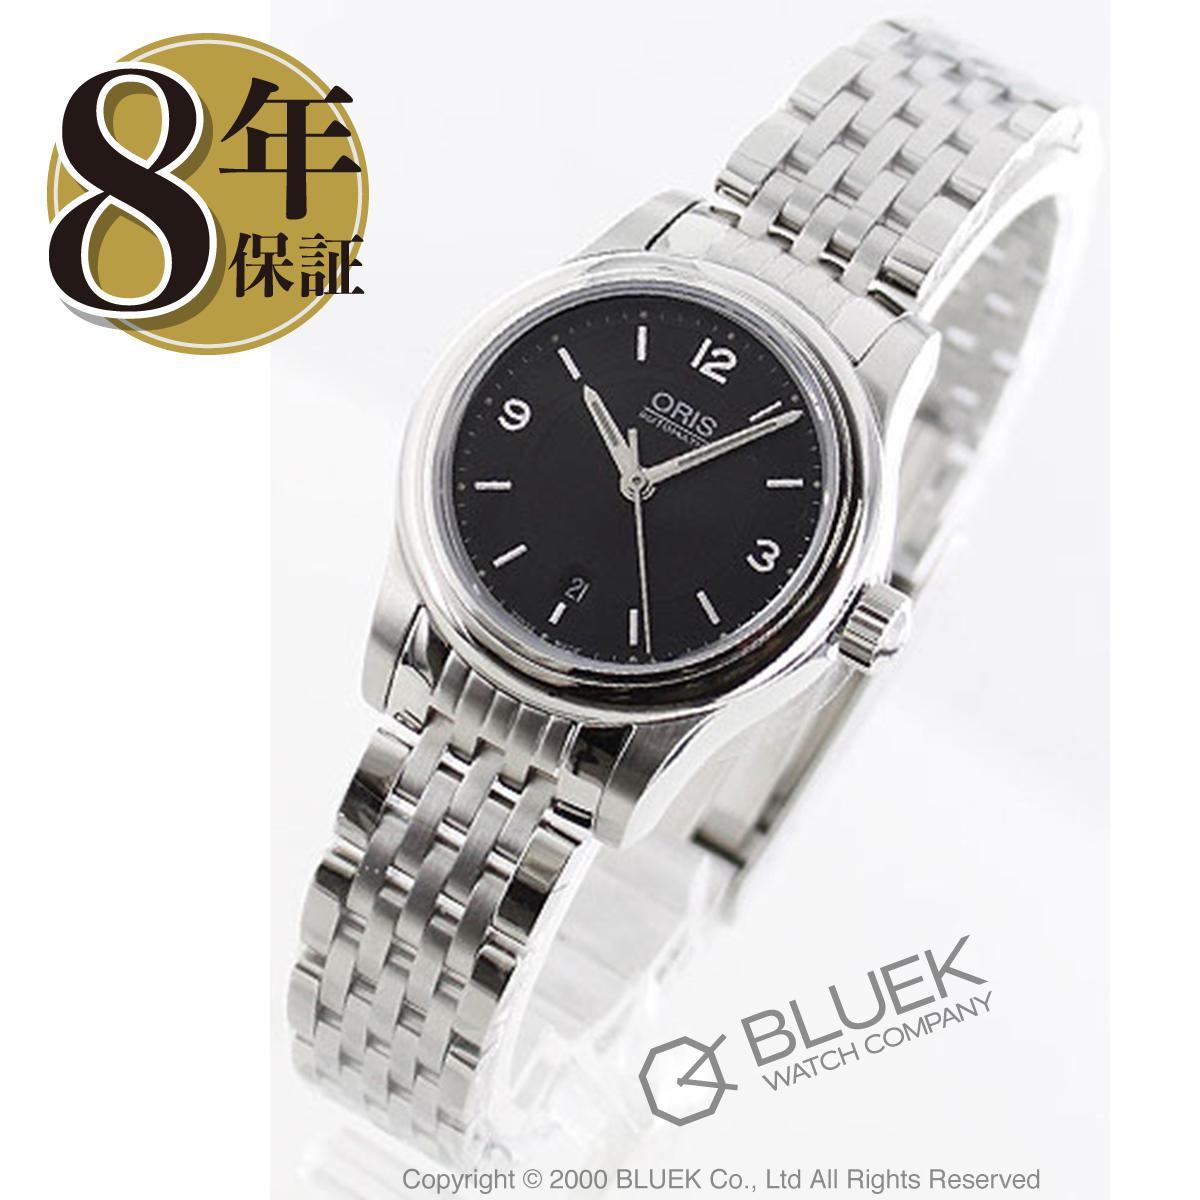 【1,000円OFFクーポン対象】オリス クラシック 腕時計 レディース ORIS 561 7650 4034M_8